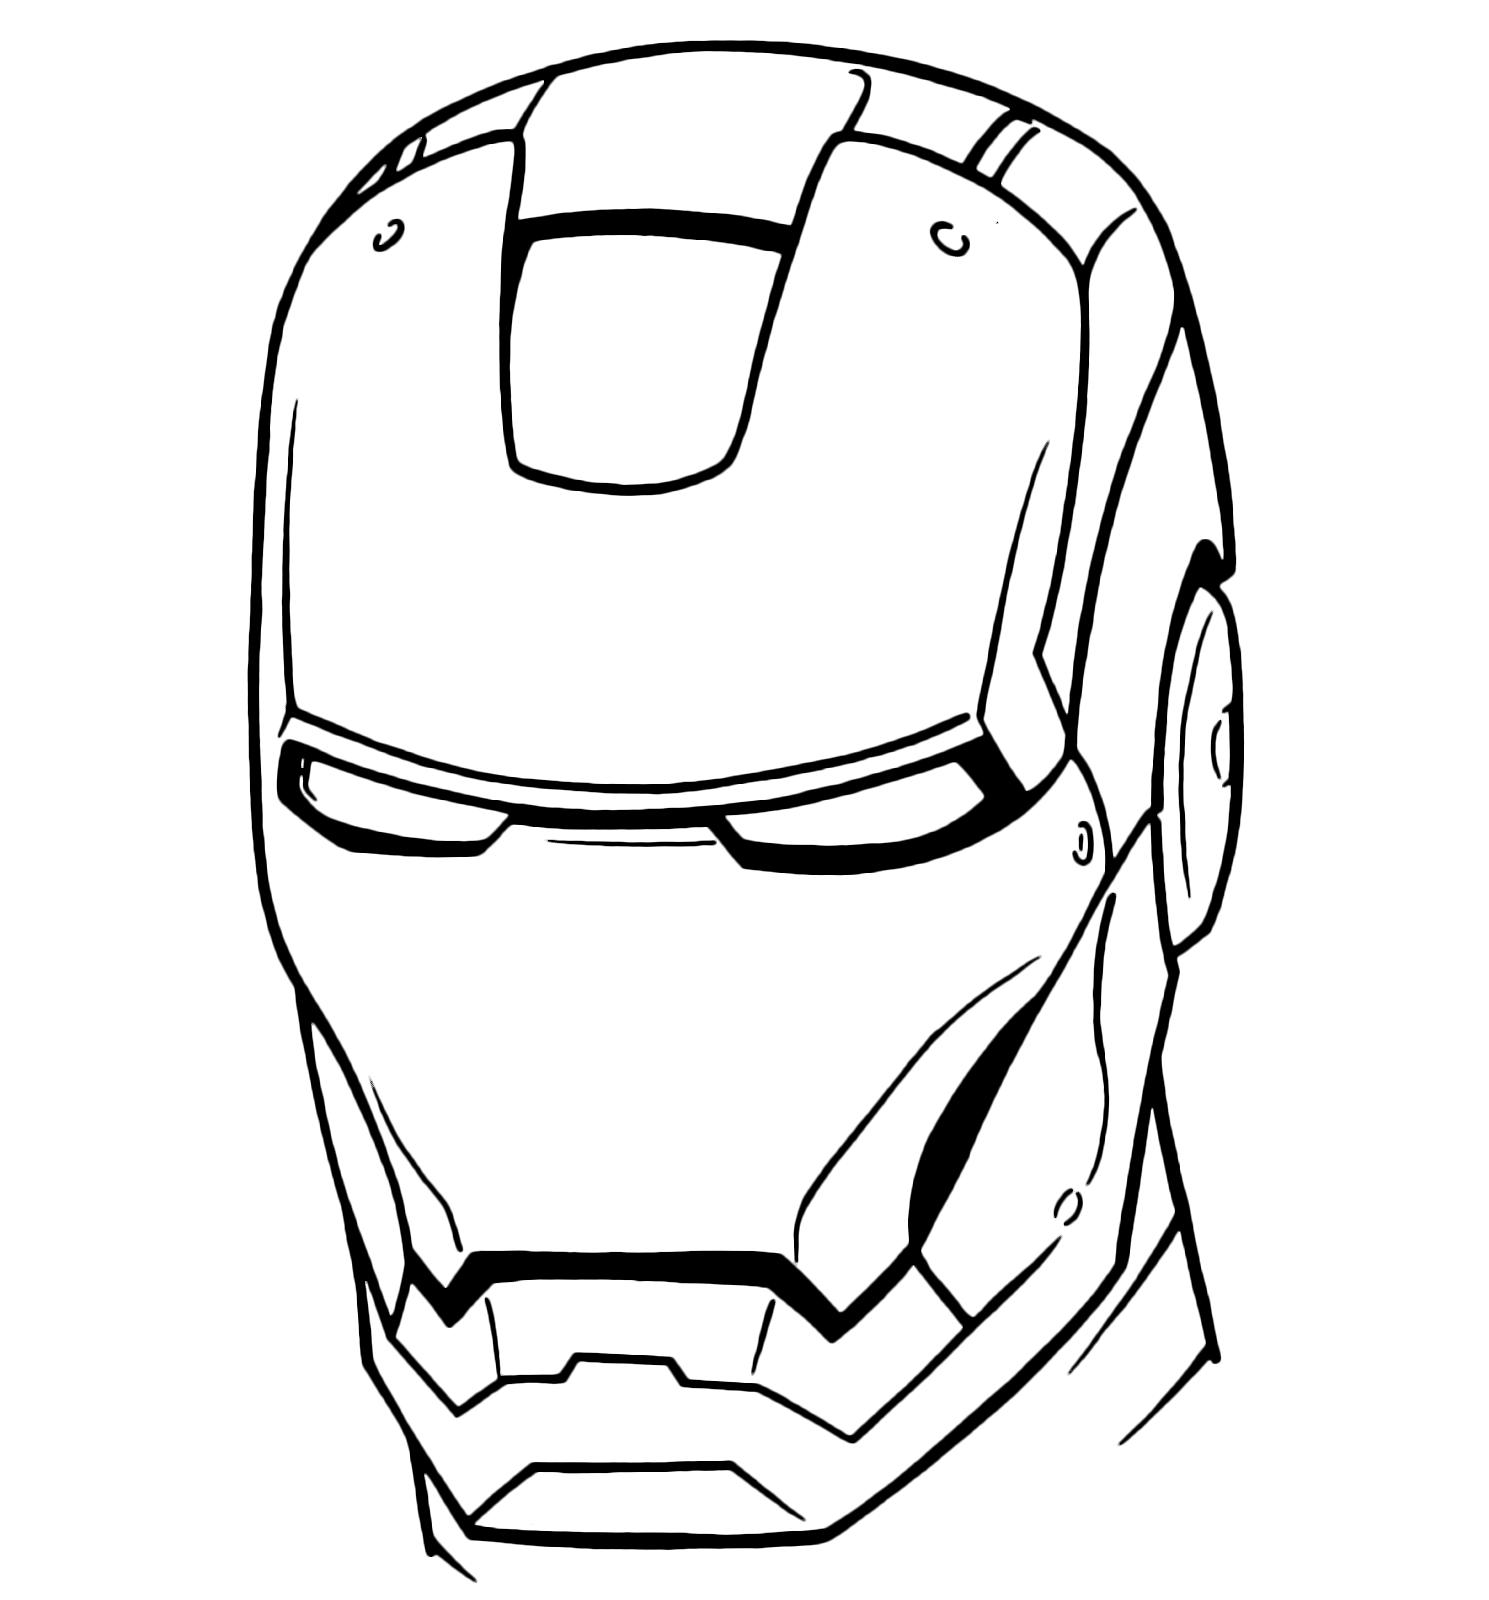 Download maschere avengers da colorare le migliori for Maschera di iron man da stampare e colorare